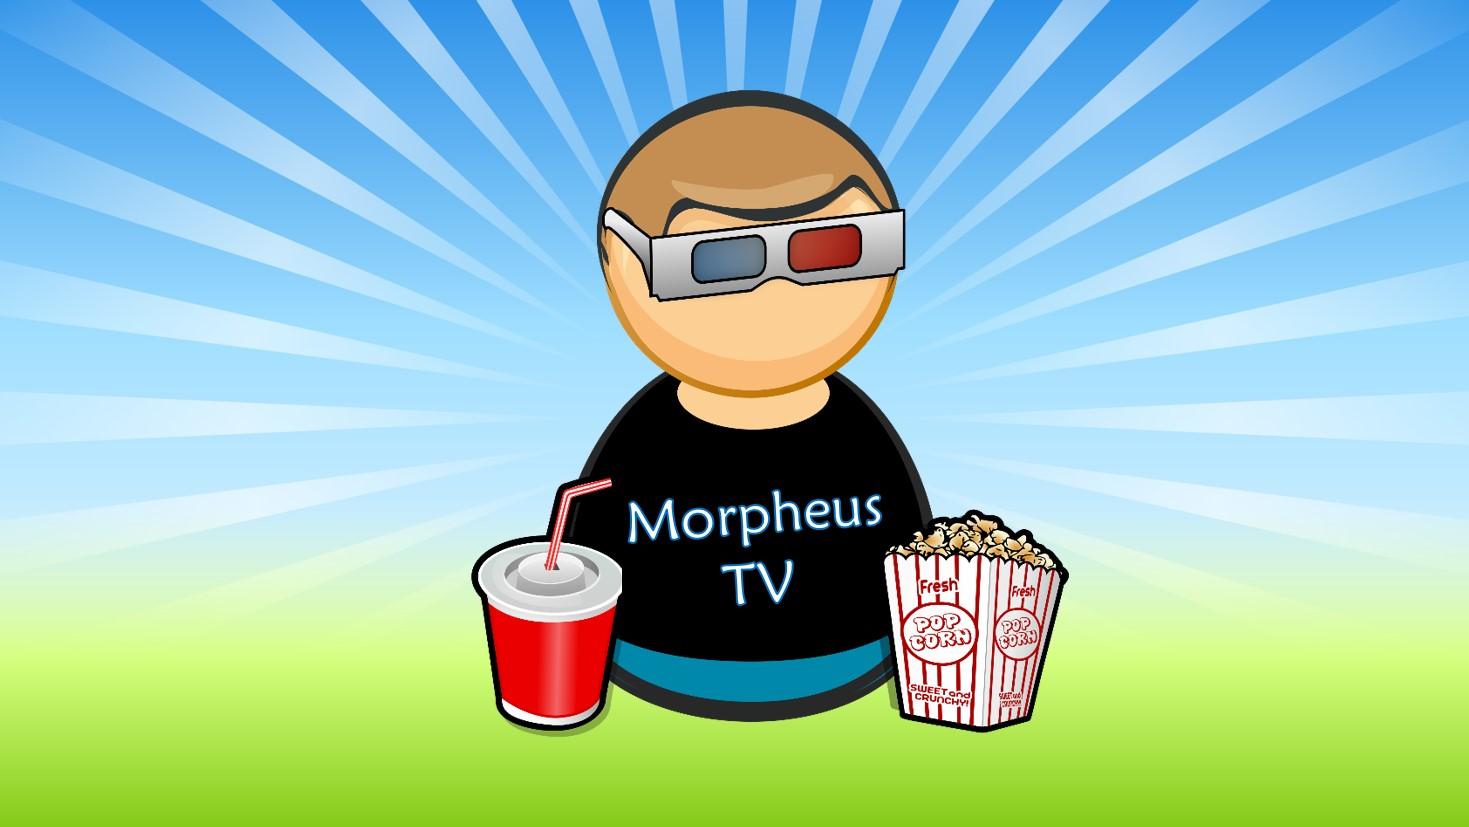 morpheus tv apk official download